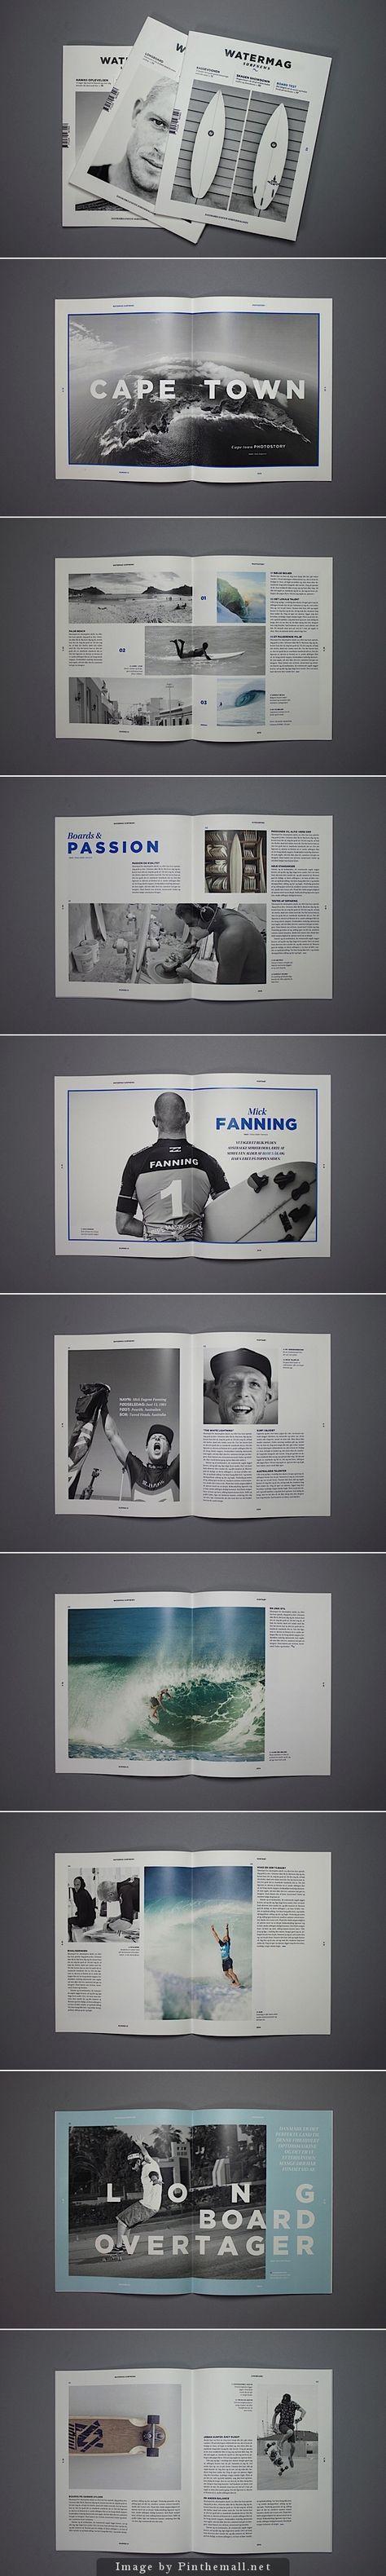 Editorial Design Inspiration: Watermag Surfnews by design student Bjarke Nøhr Kristensen